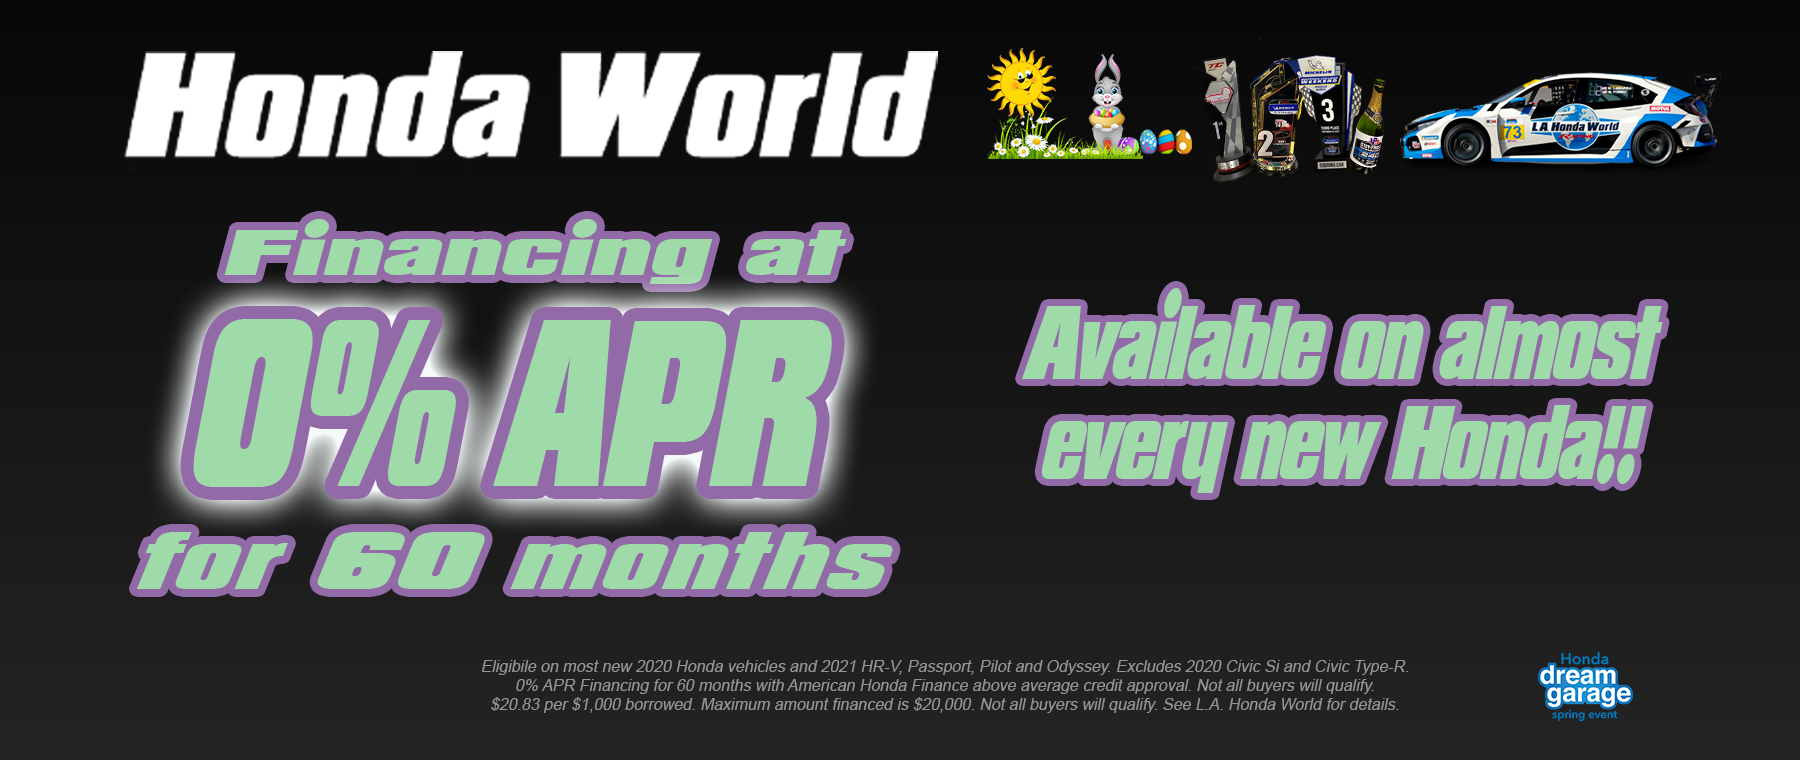 April-0-Percent-APR